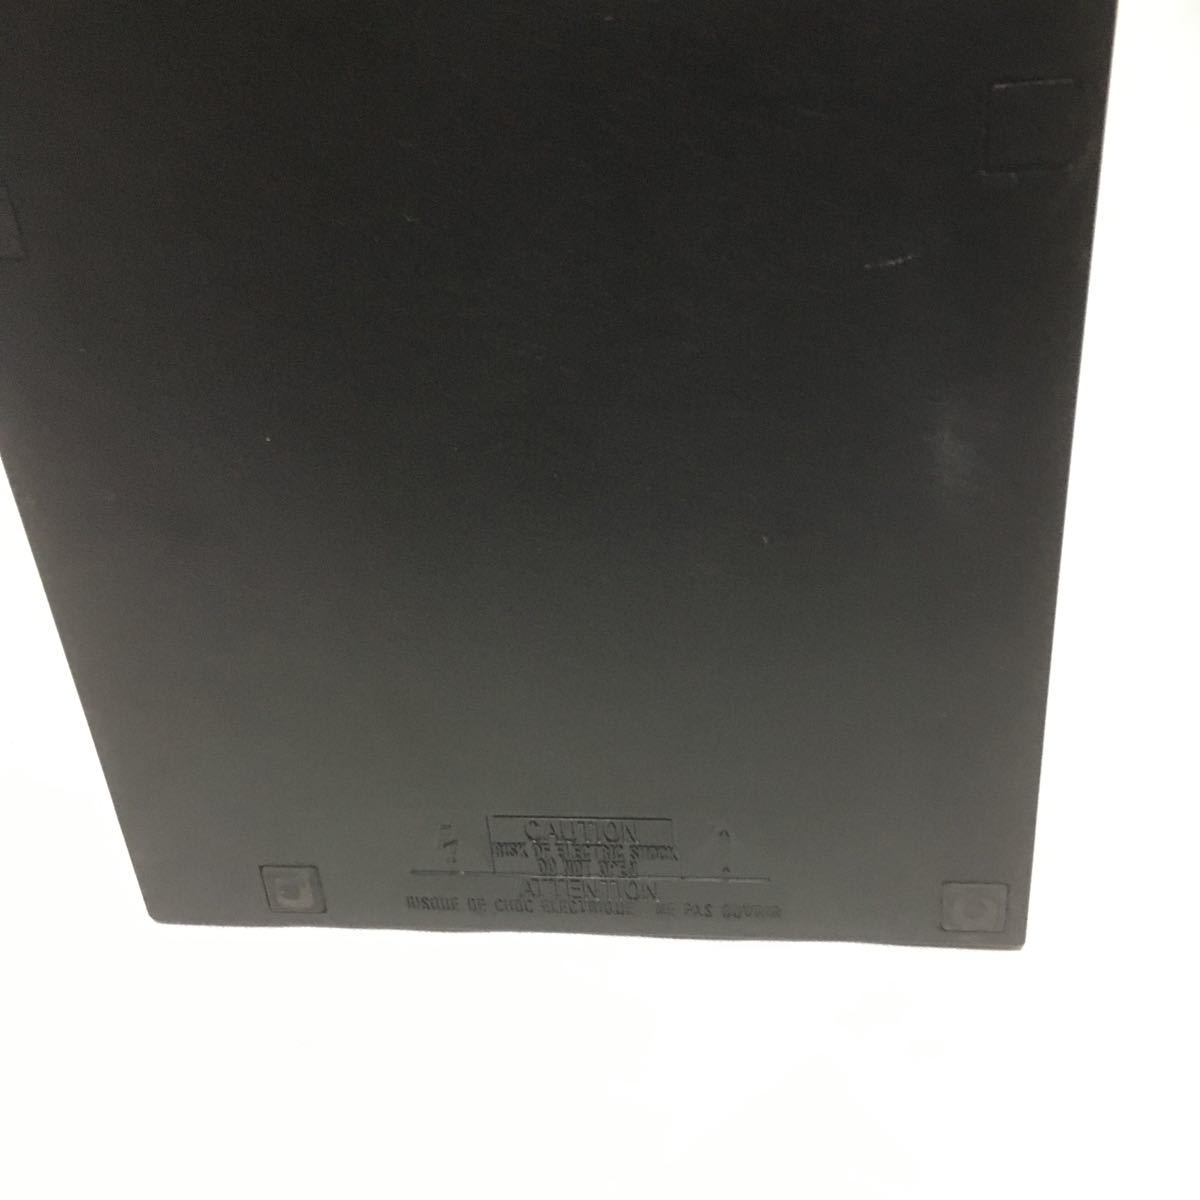 ソフト起動まで19秒!PS2プレイステーション2 SCPH39000 プレステ2 PlayStation2